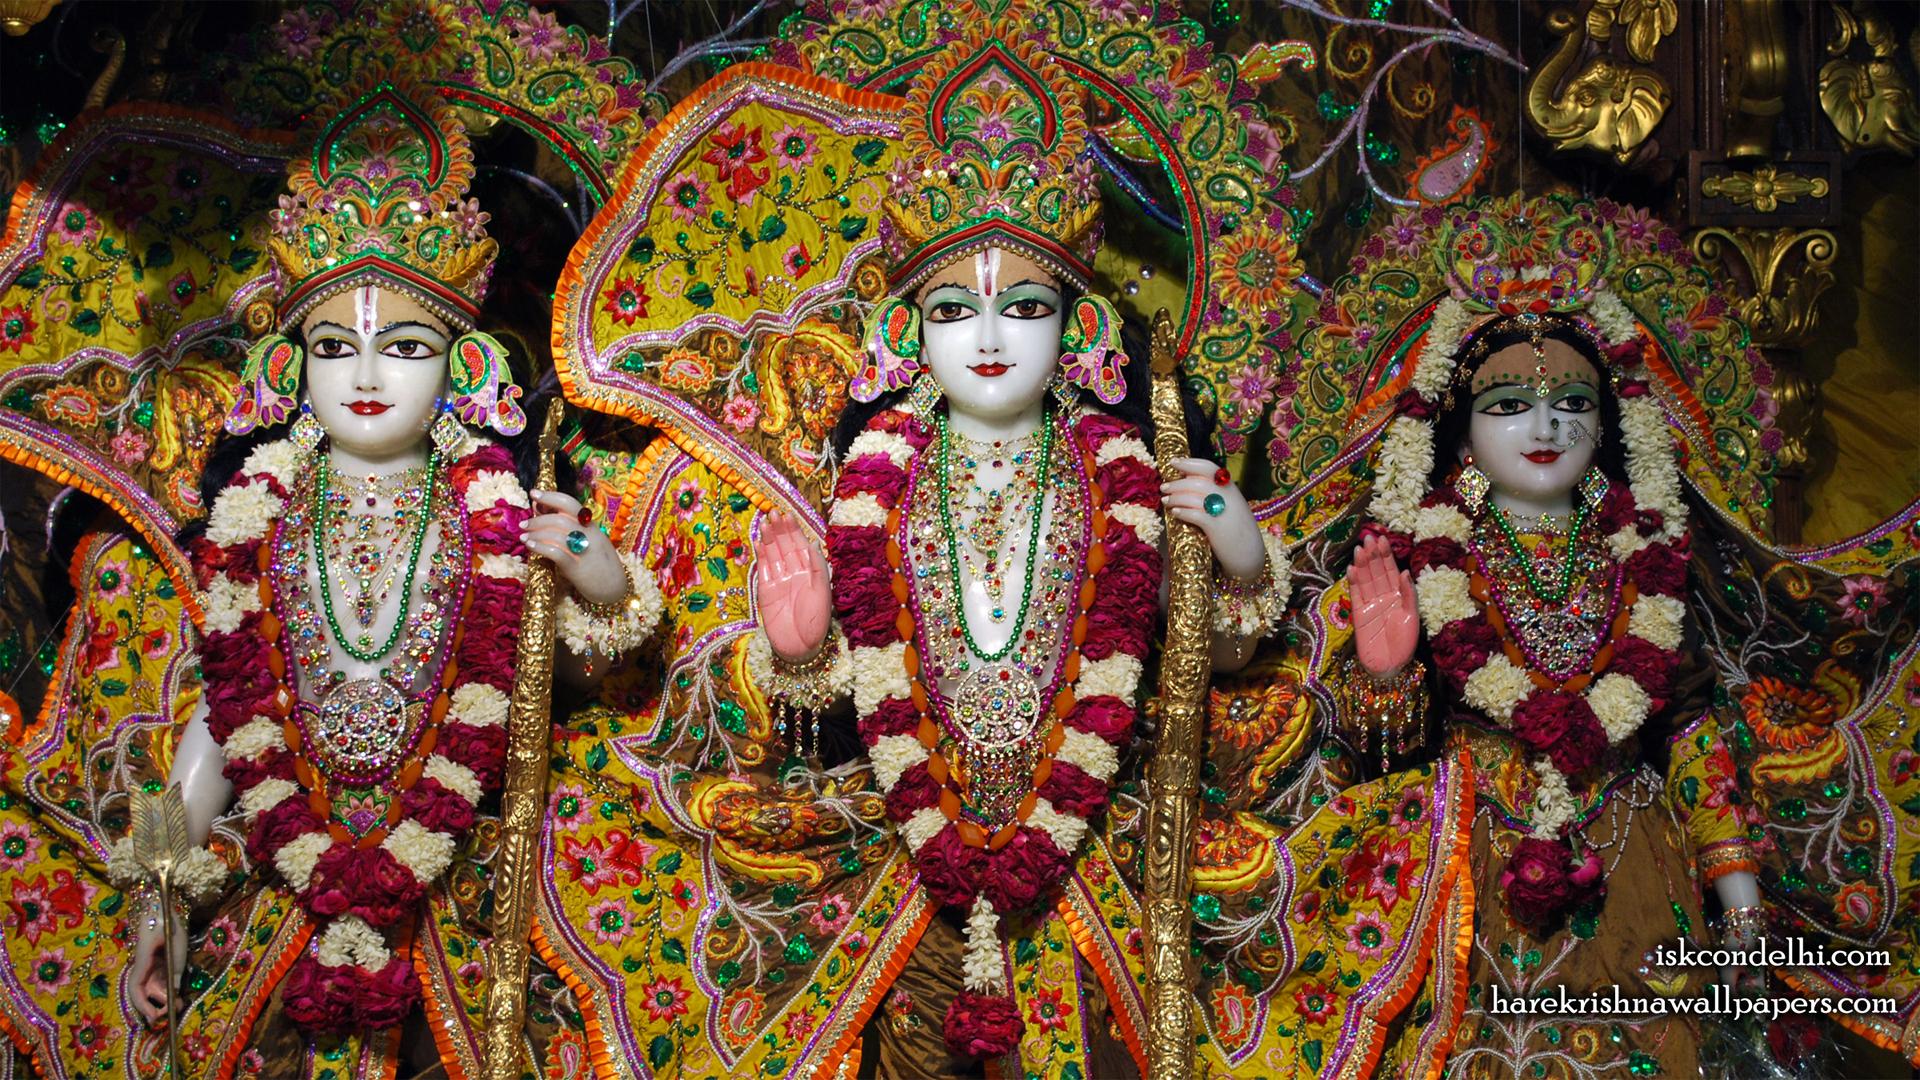 Sri Sri Sita Rama Laxman Wallpaper (003) Size 1920x1080 Download